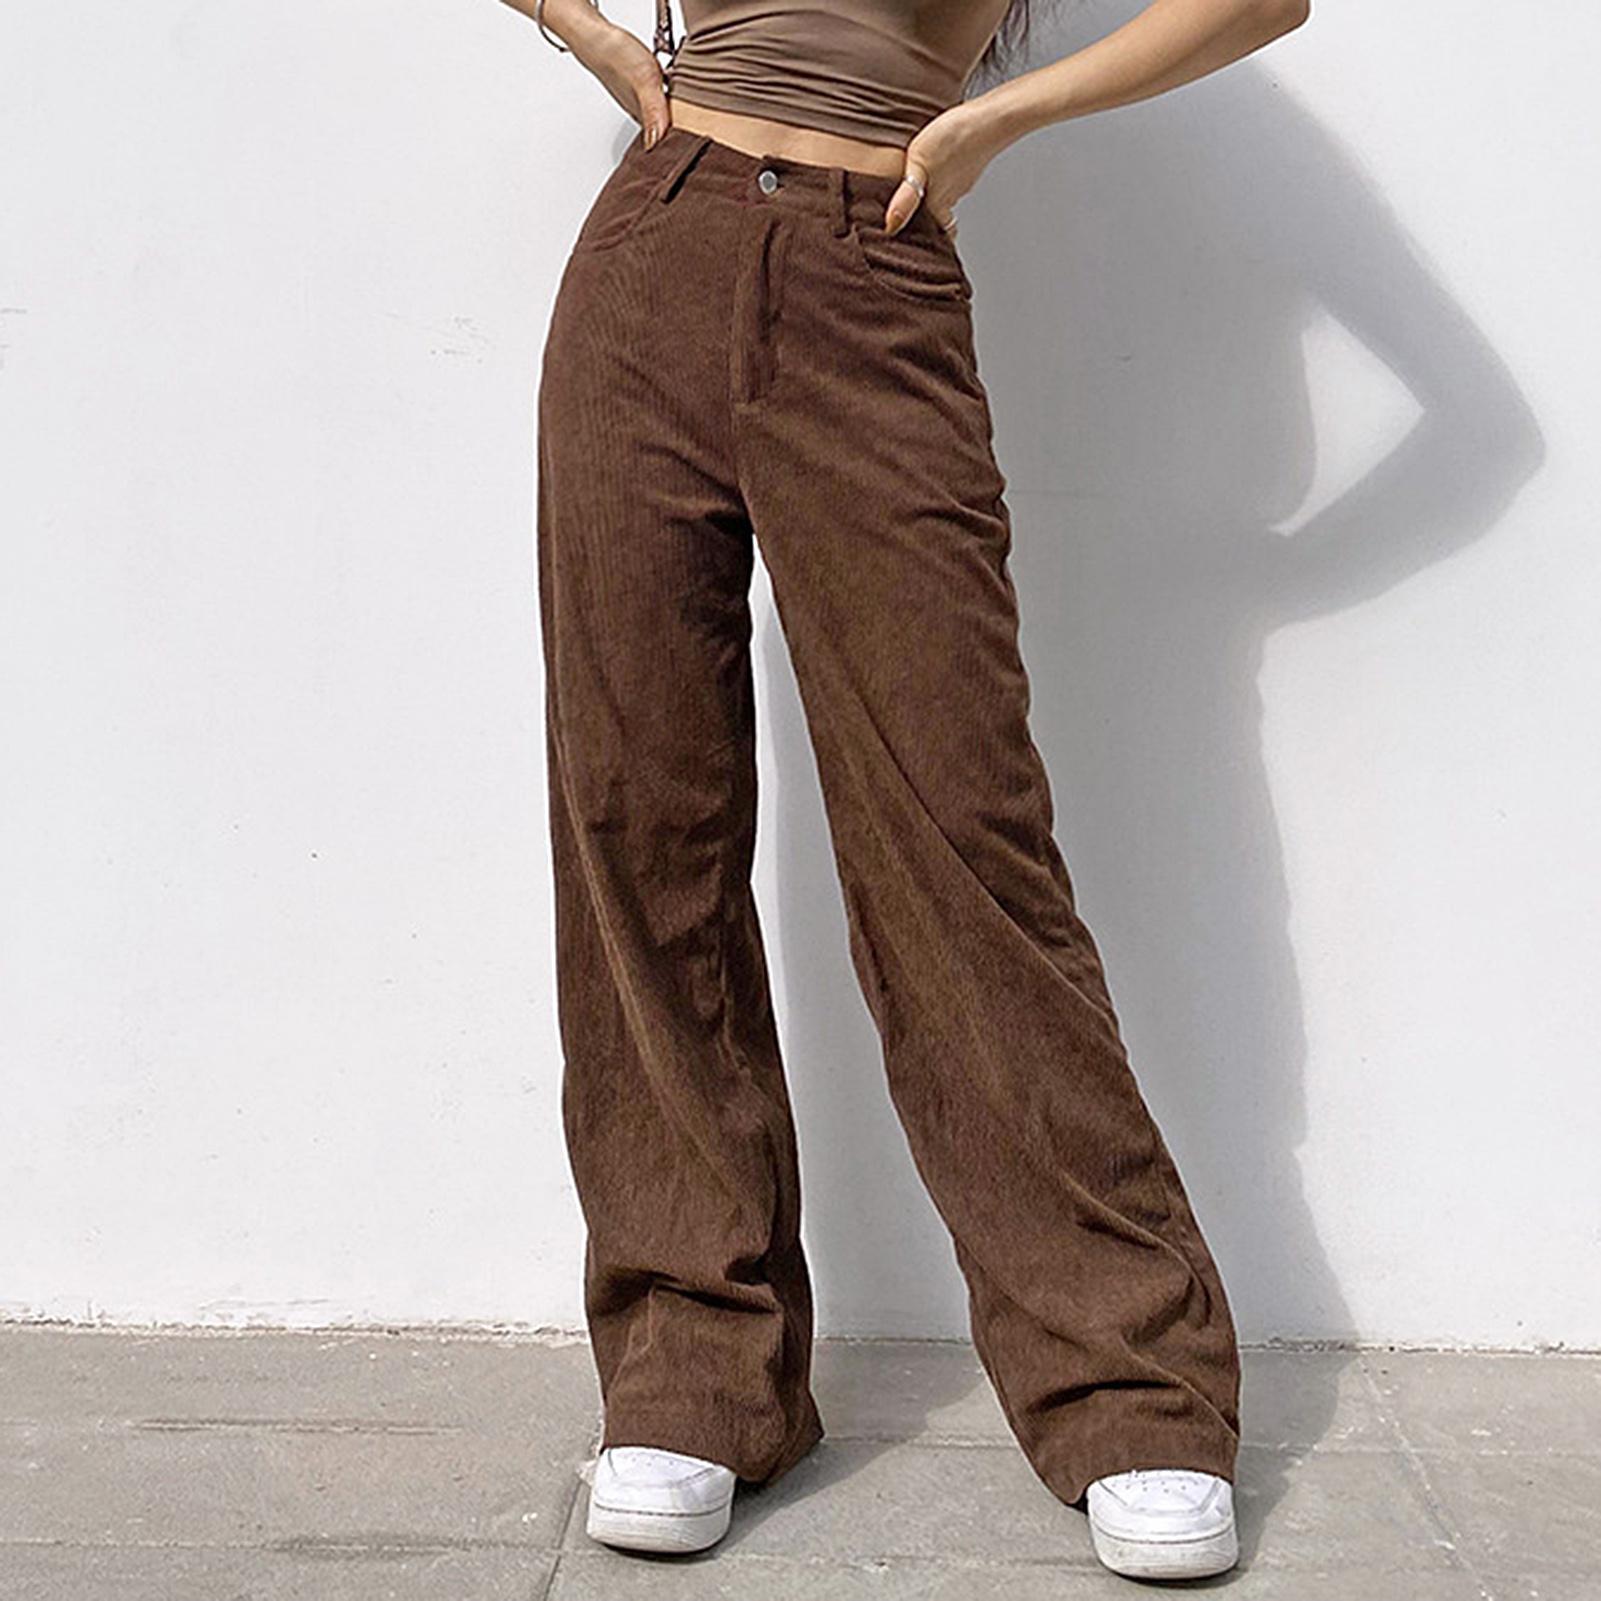 90s Инди уличная вельветовые брюки для девочек в винтажном стиле; Для подростков с коротким и широким подолом для девочек стиль мешковатые бр...